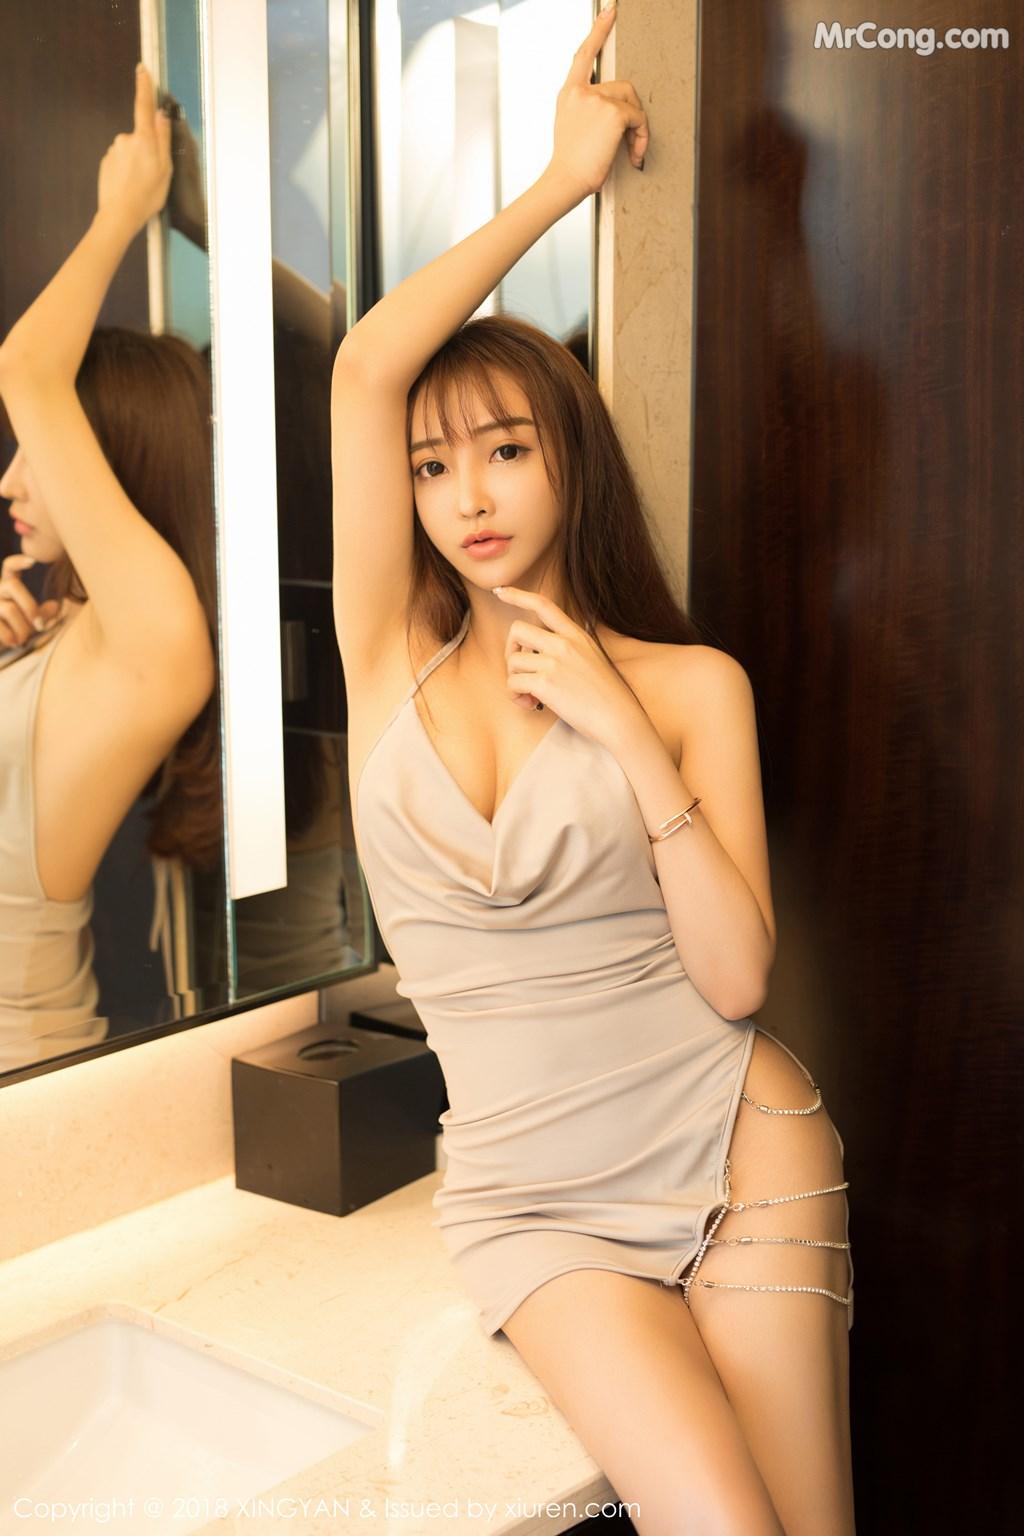 Image XingYan-Vol.090-Angel-MrCong.com-004 in post XingYan Vol.090: Người mẫu 安安Angel (41 ảnh)